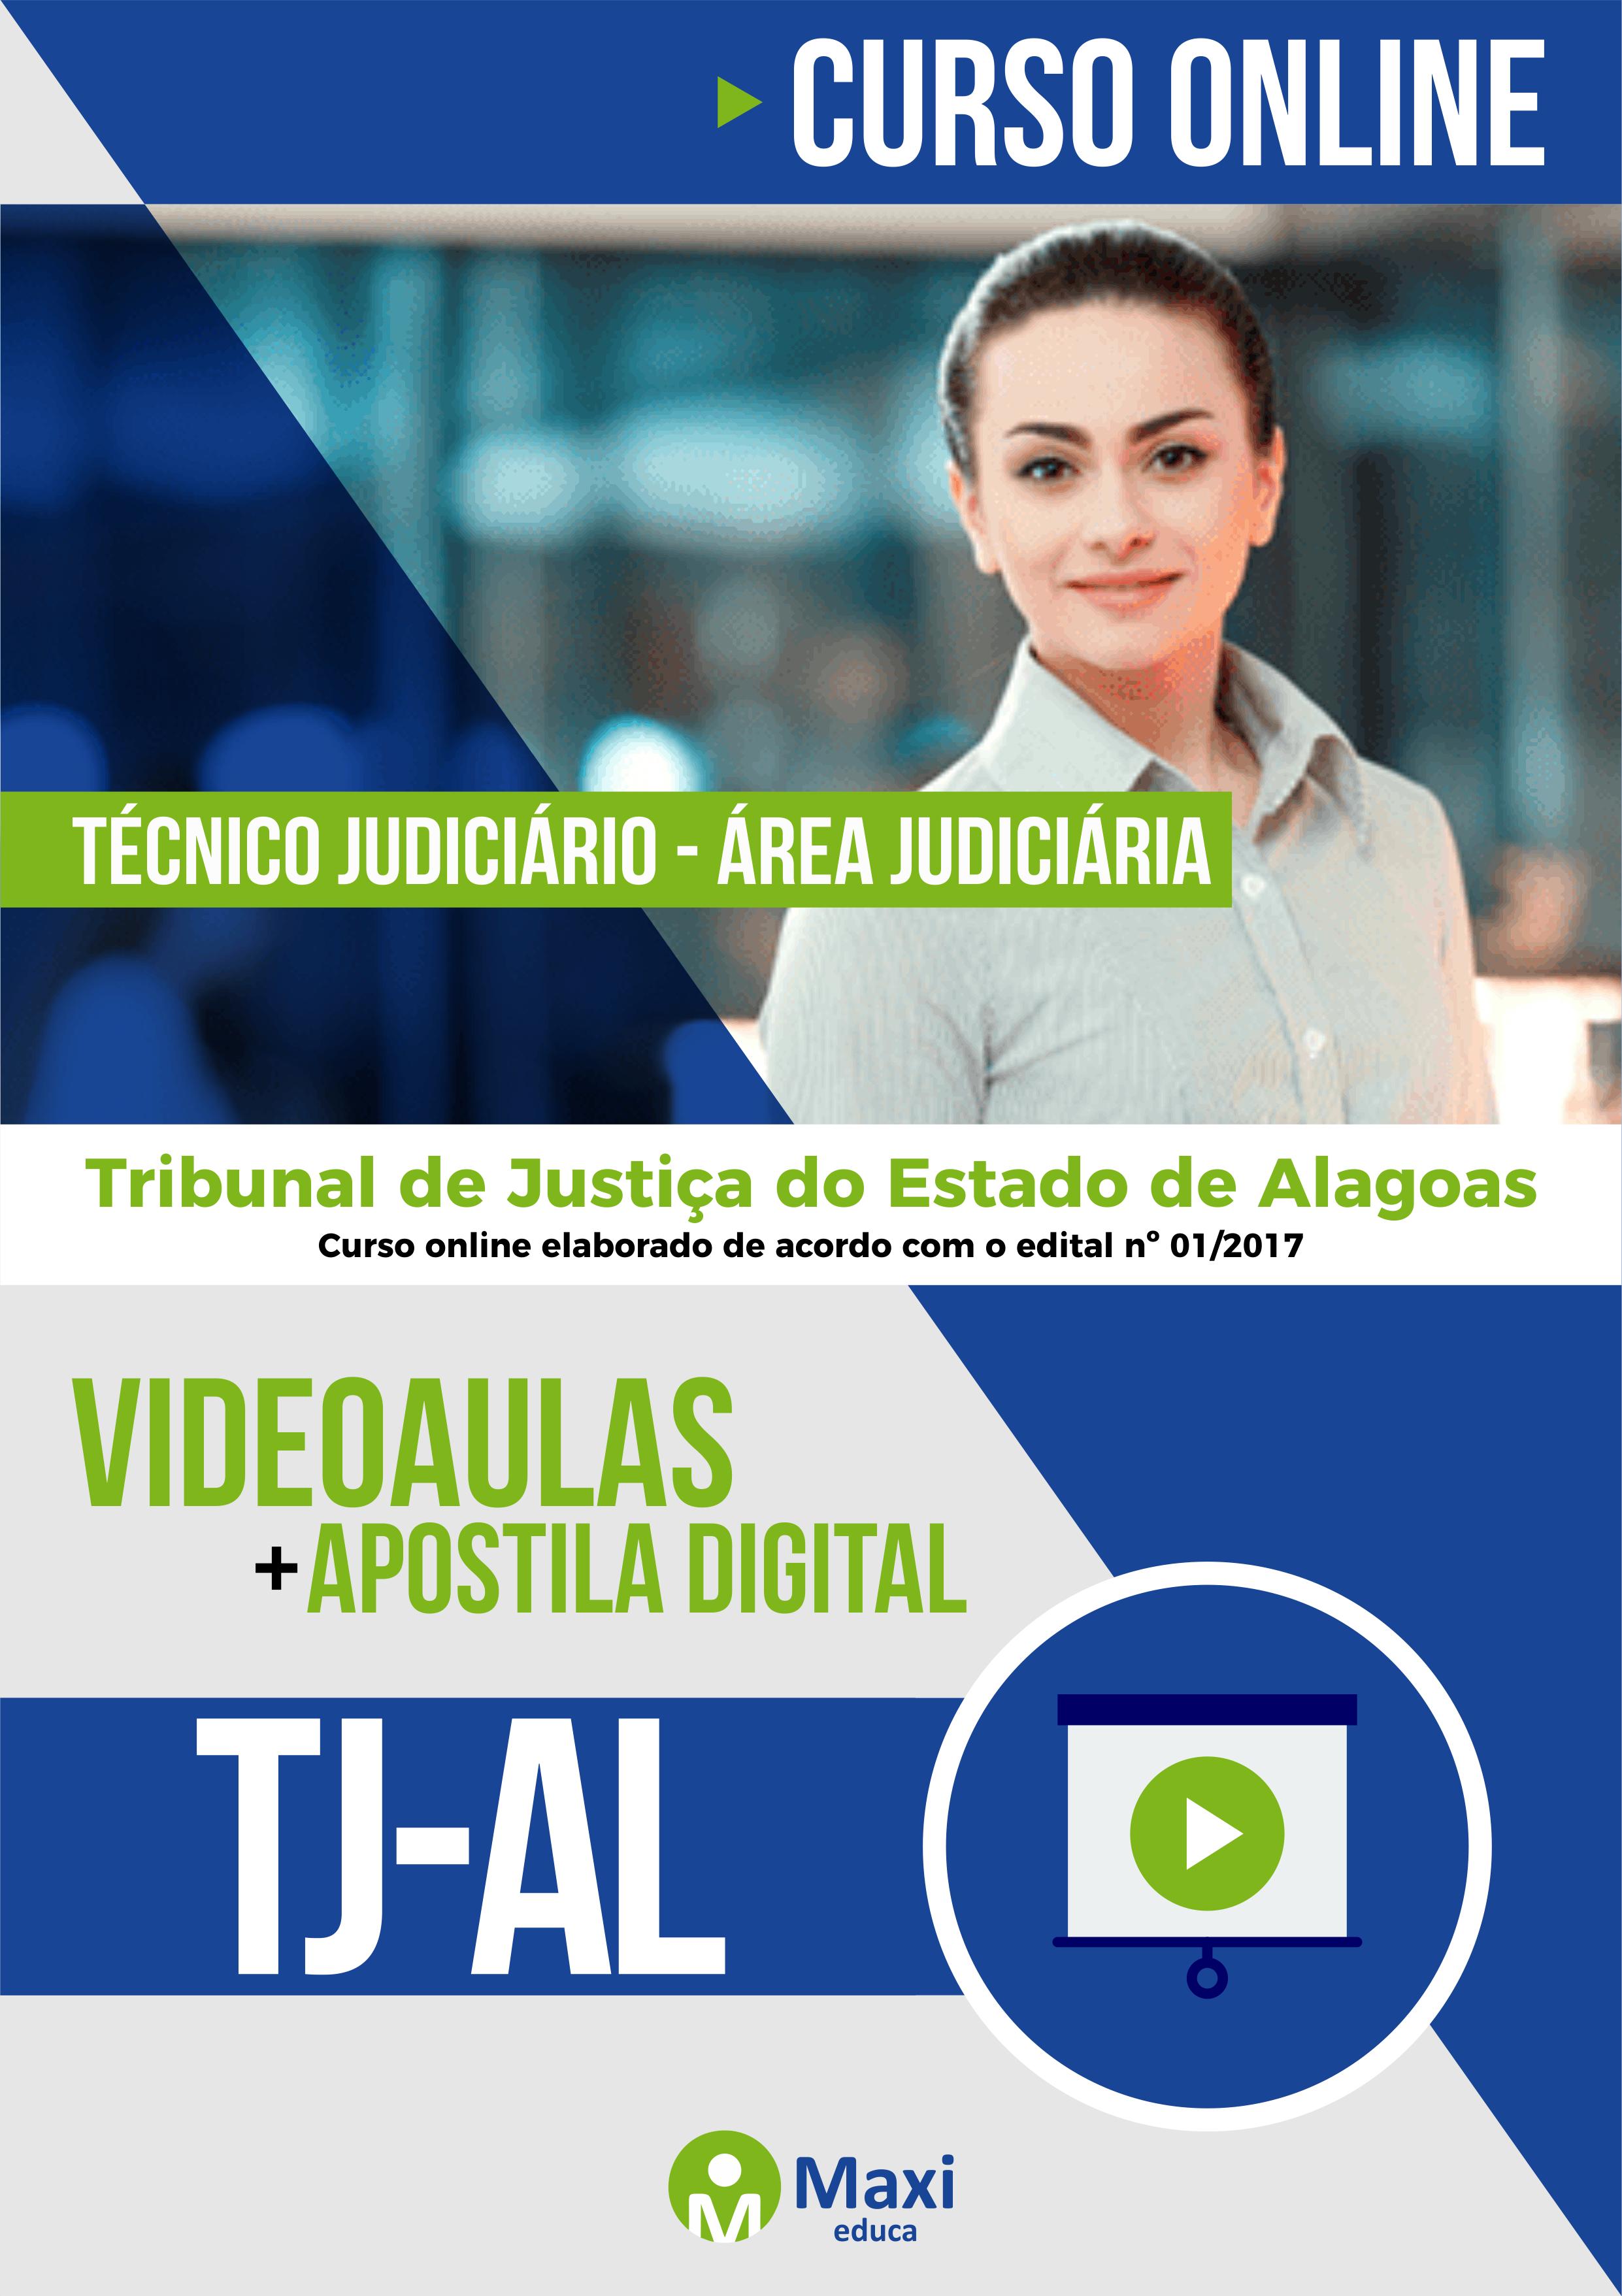 TJ-AL - Tribunal de Justiça do Estado de Alagoas